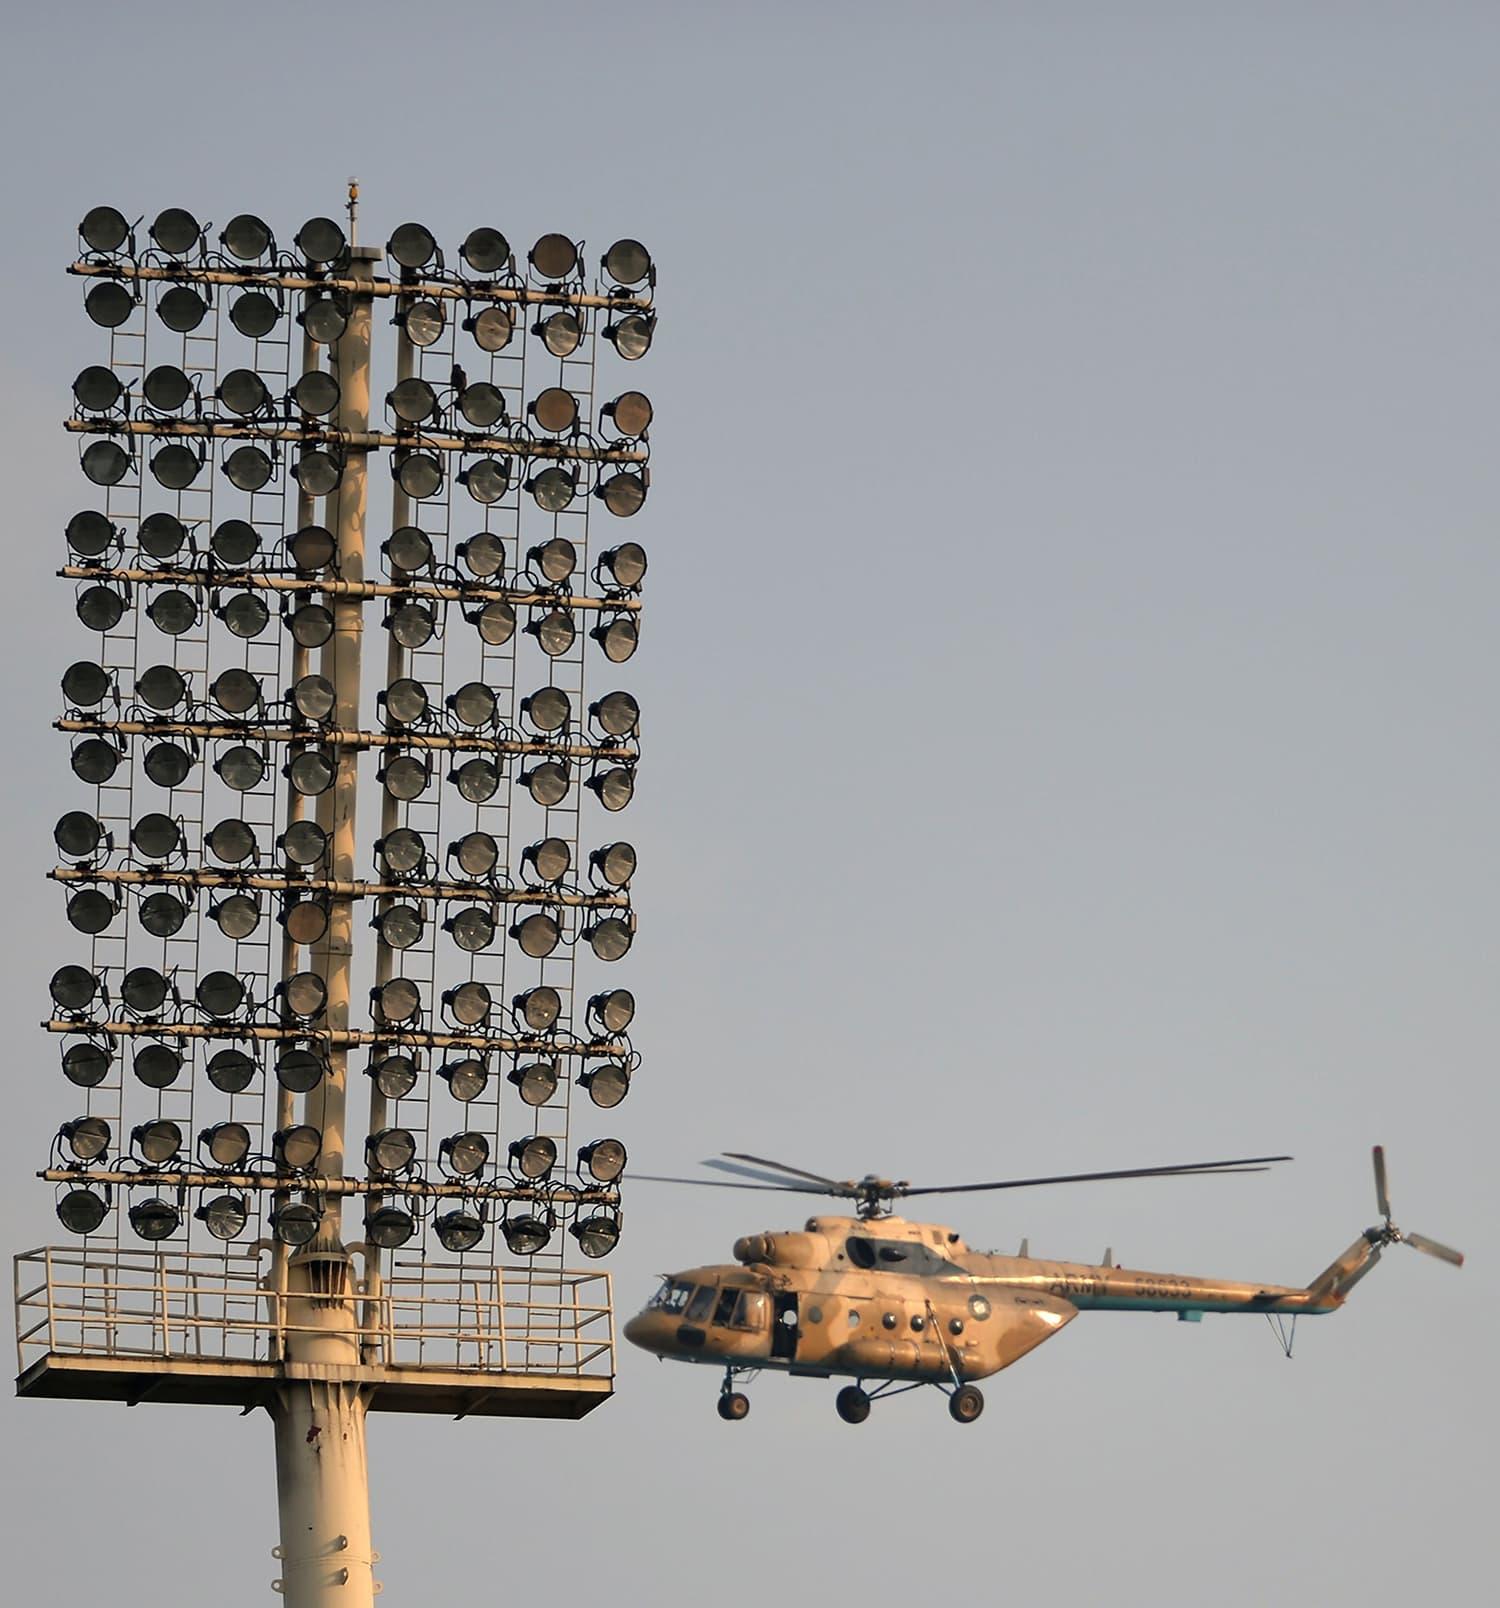 میچ سے قبل اسٹیڈیم اور اطراف کے علاقوں میں انتہائی سخت سیکیورٹی انتظامات کیے گئے اور ہیلی کاپٹر سے نگرانی کی جاتی رہی— فوٹو: اے ایف پی